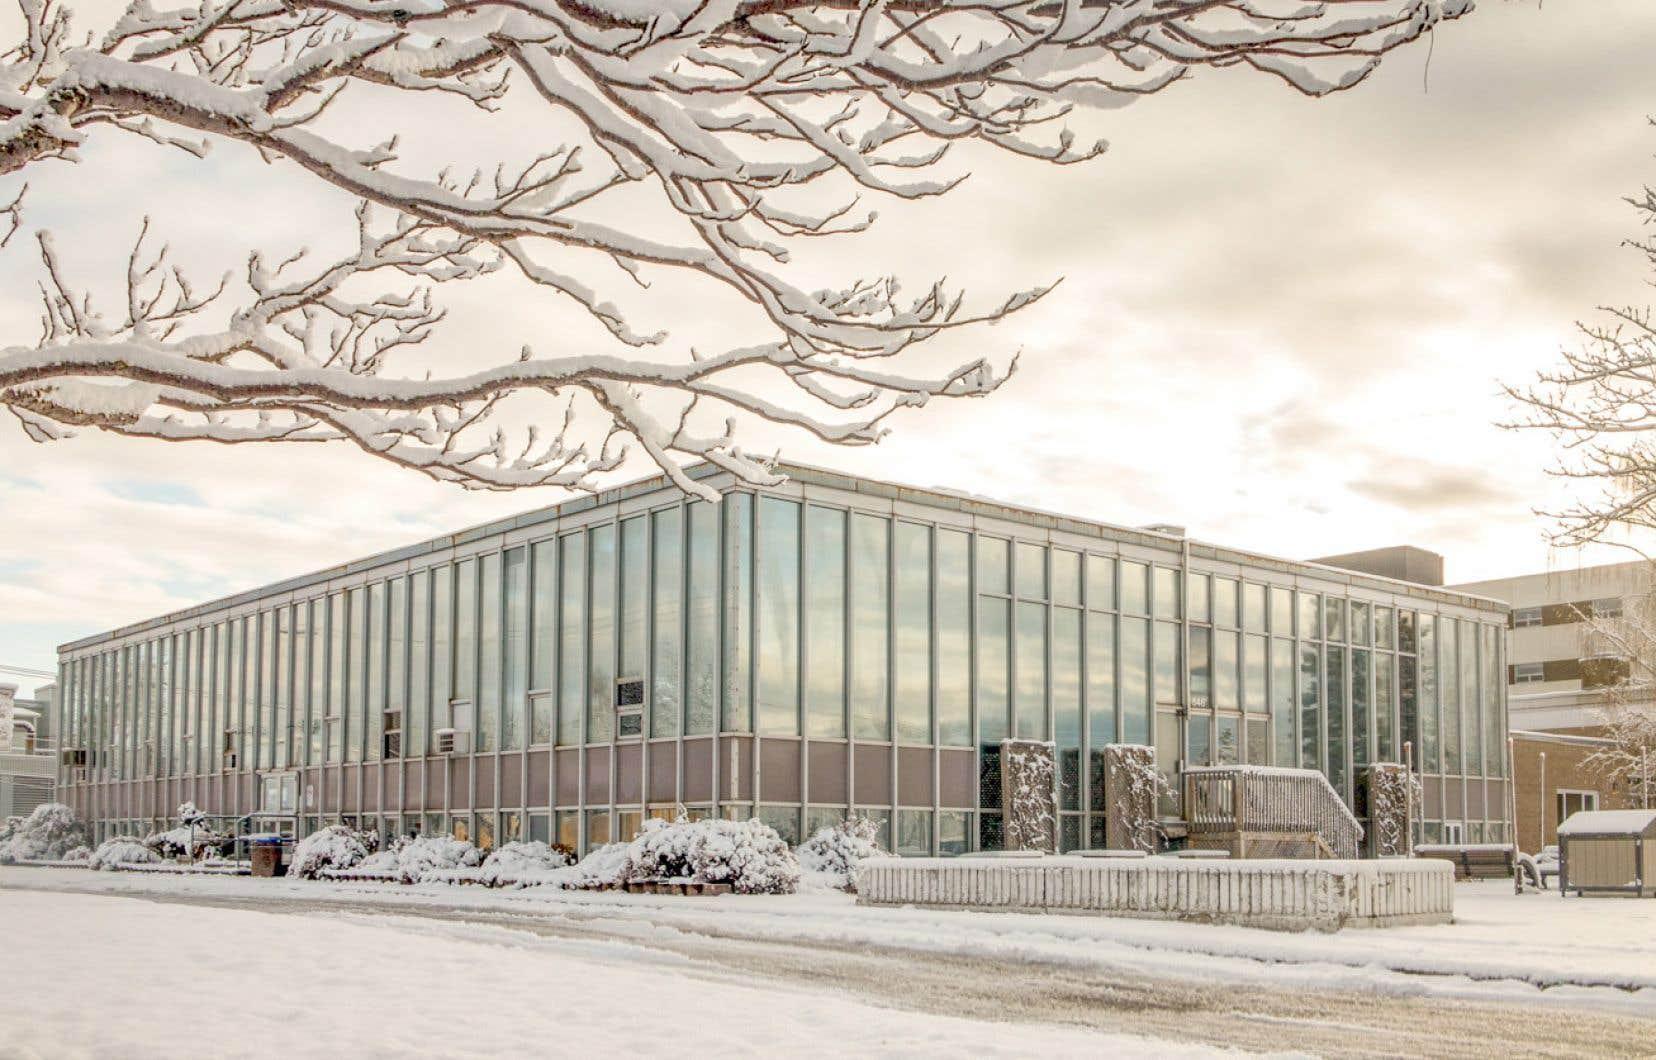 L'hôtel de ville de Sept-Îles a été conçu par l'architecte Guy Desbarats, qui fut directeur de l'École d'architecture de l'Université de Montréal et a été le lauréat de plusieurs prix.